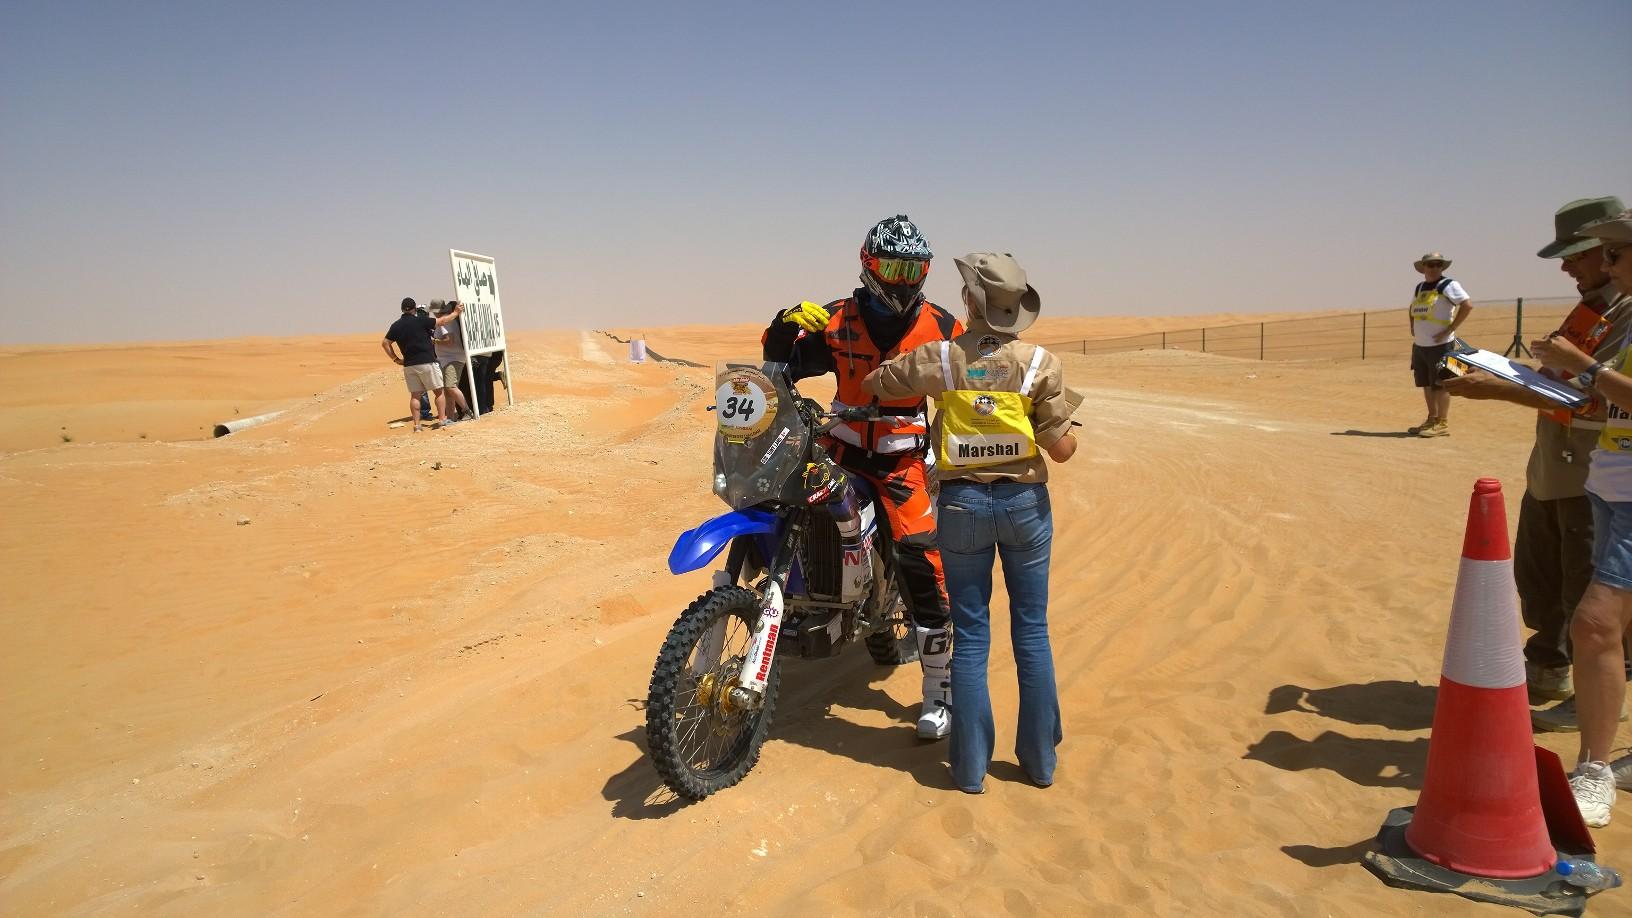 Abu Dhabi Desert Challenge 2015 Yamaha WR450F Rally 3